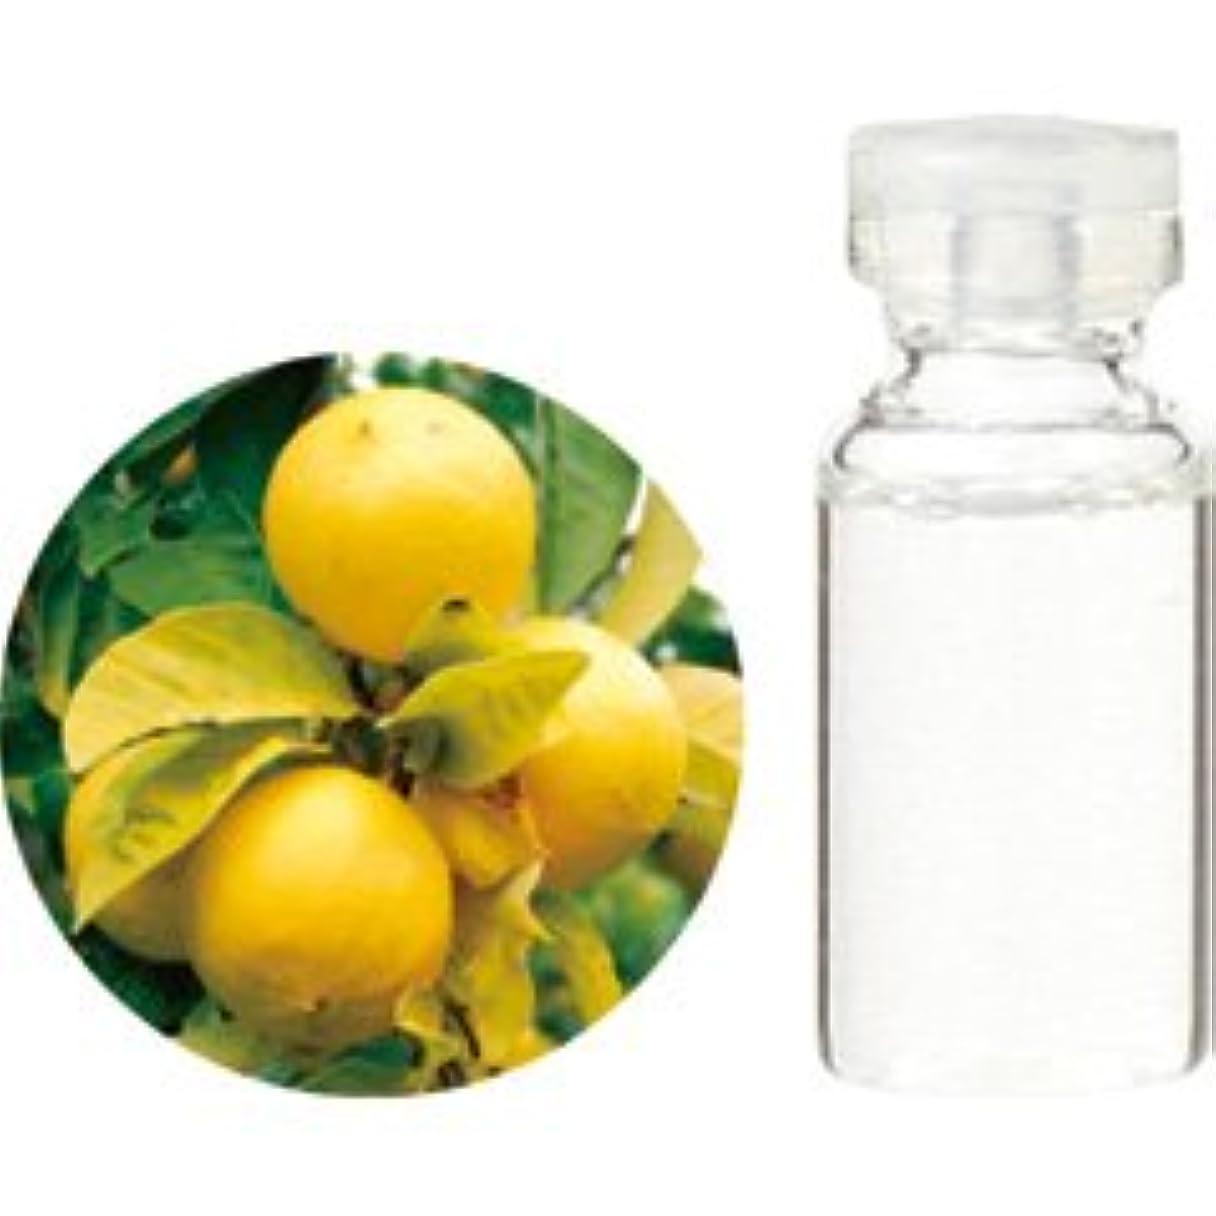 概して香ばしいメディカル生活の木 有機ベルガモット(フロクマリンフリー)10ml エッセンシャルオイル 精油